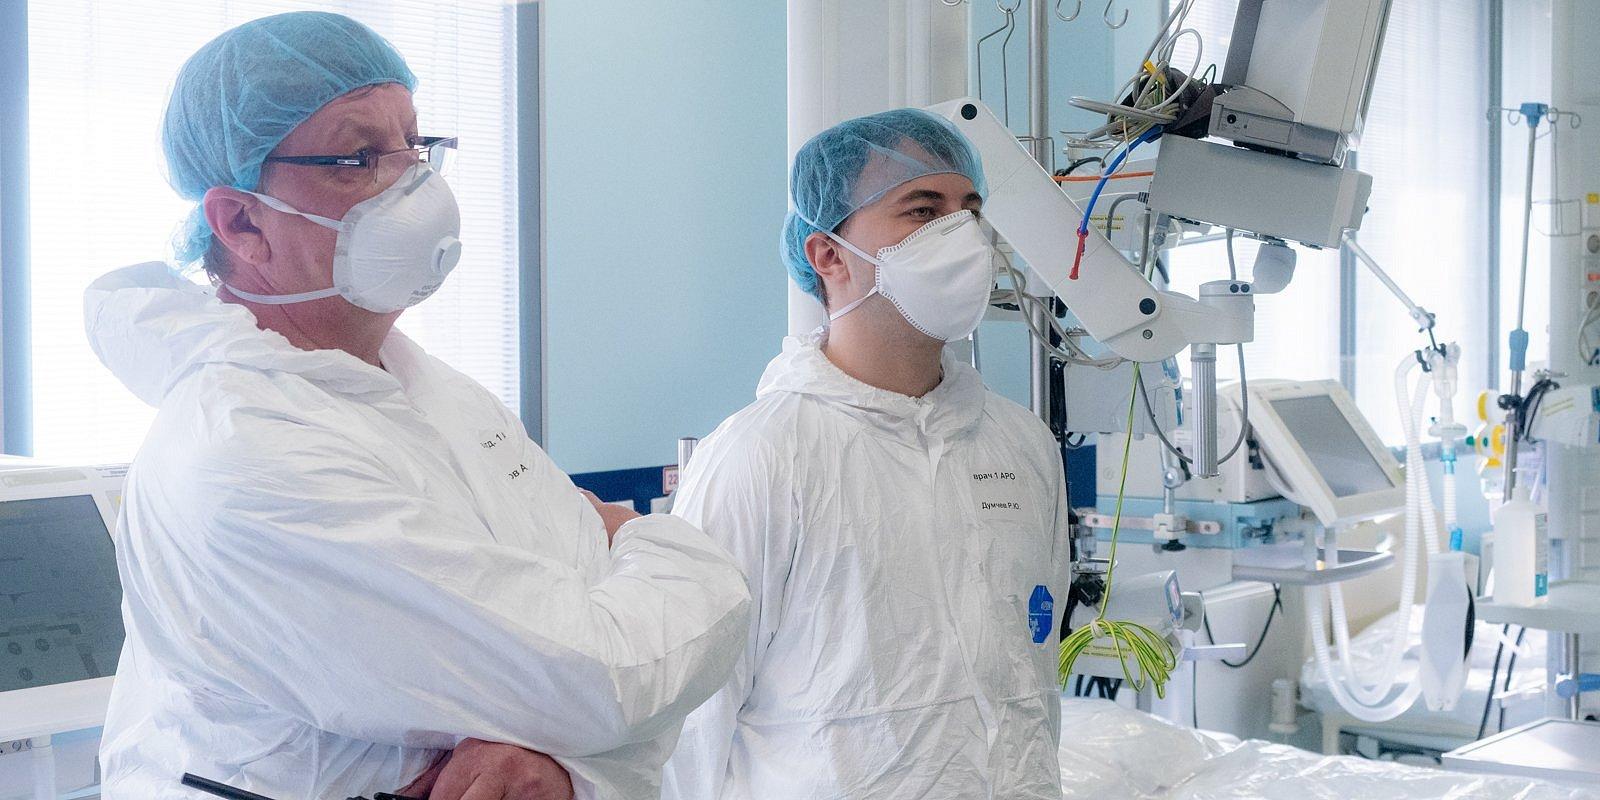 ГКБ №15 имени О.М. Филатова готова принимать пациентов с коронавирусной инфекцией